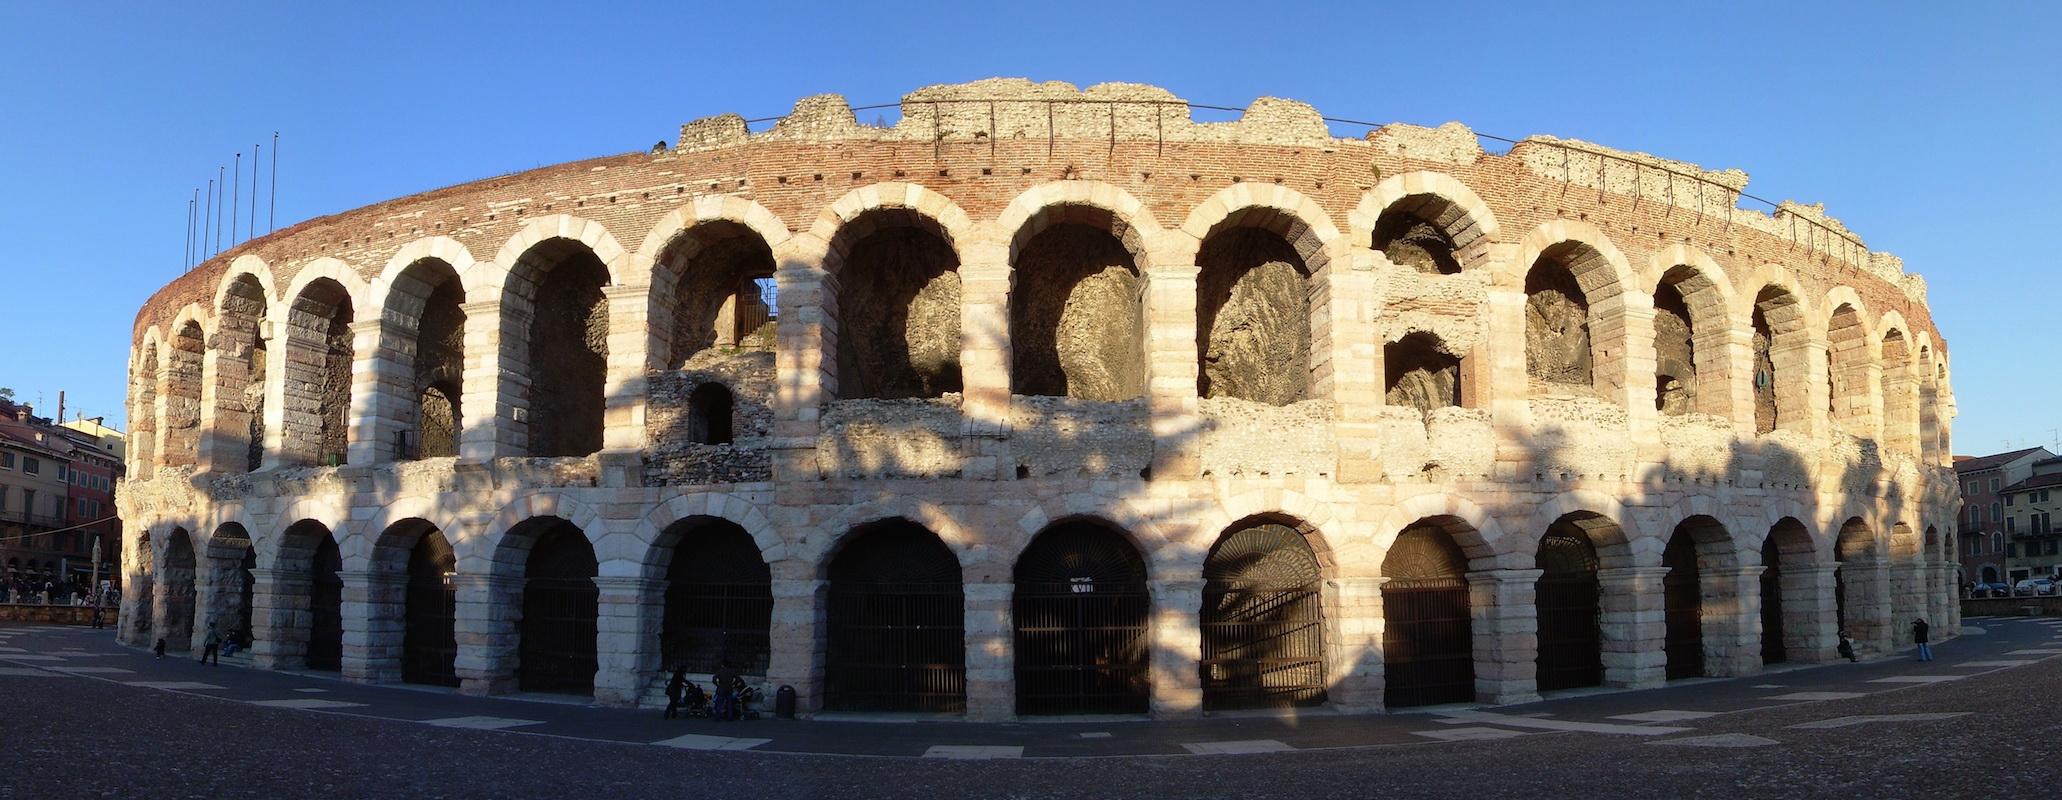 Fondazione Arena